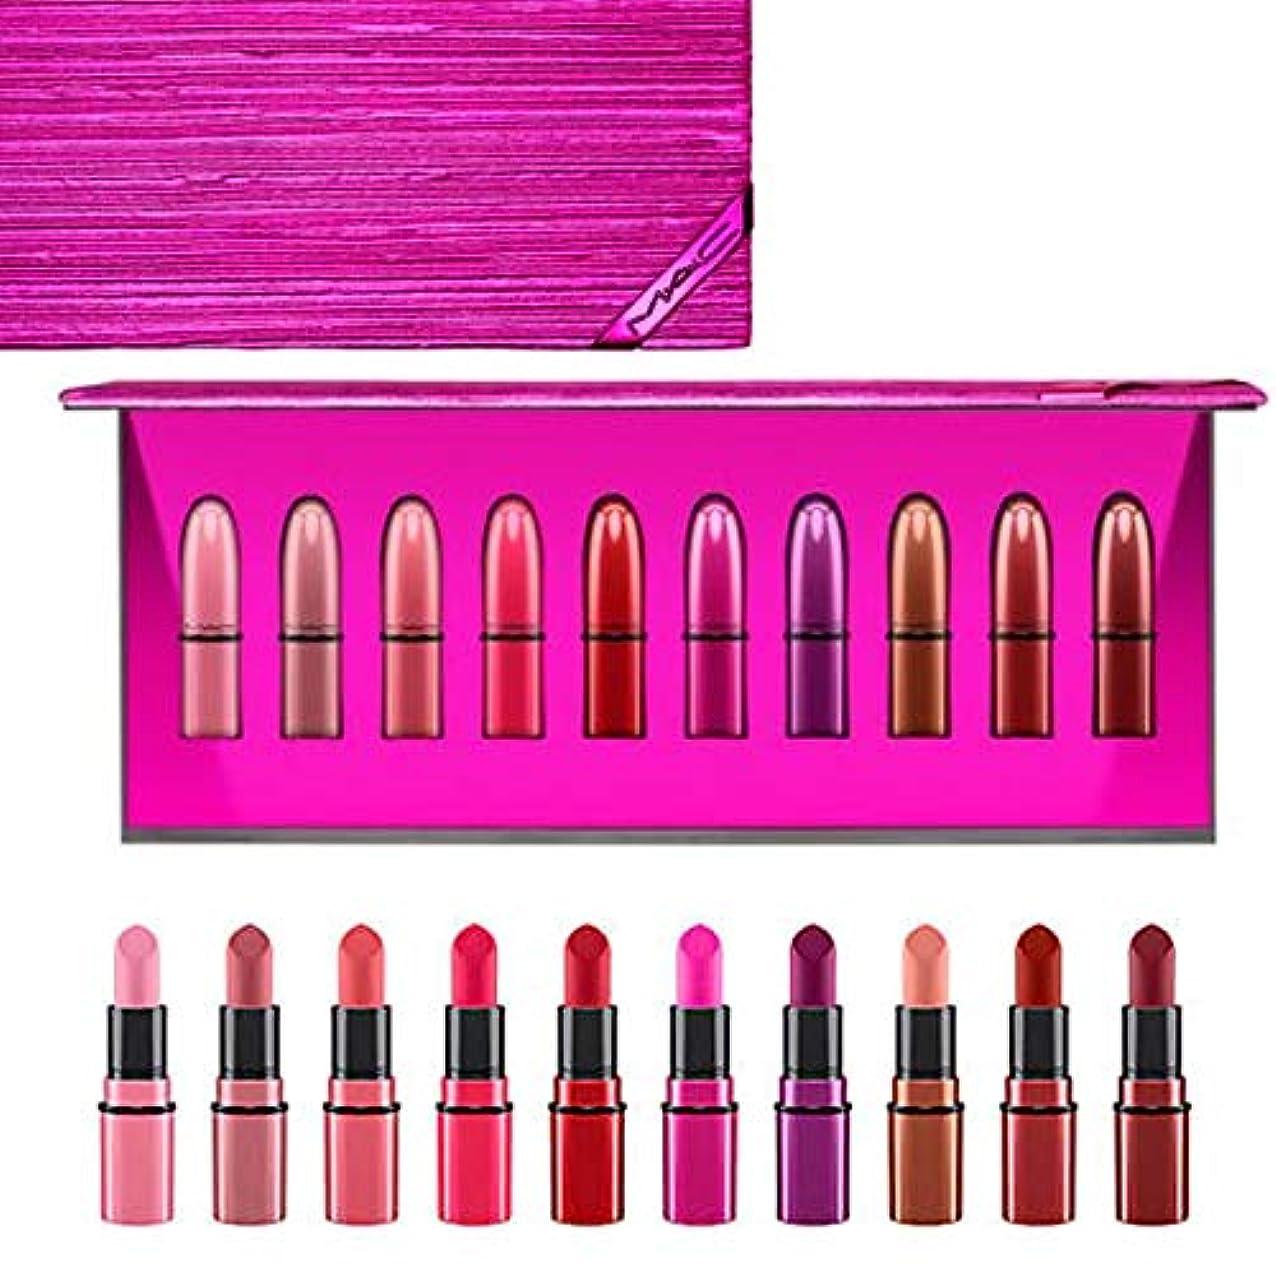 受信機明確な贅沢なMAC?マック, Shiny Pretty Things Lip Kit,Mini Lipsticks 10/set [海外直送品] [並行輸入品]